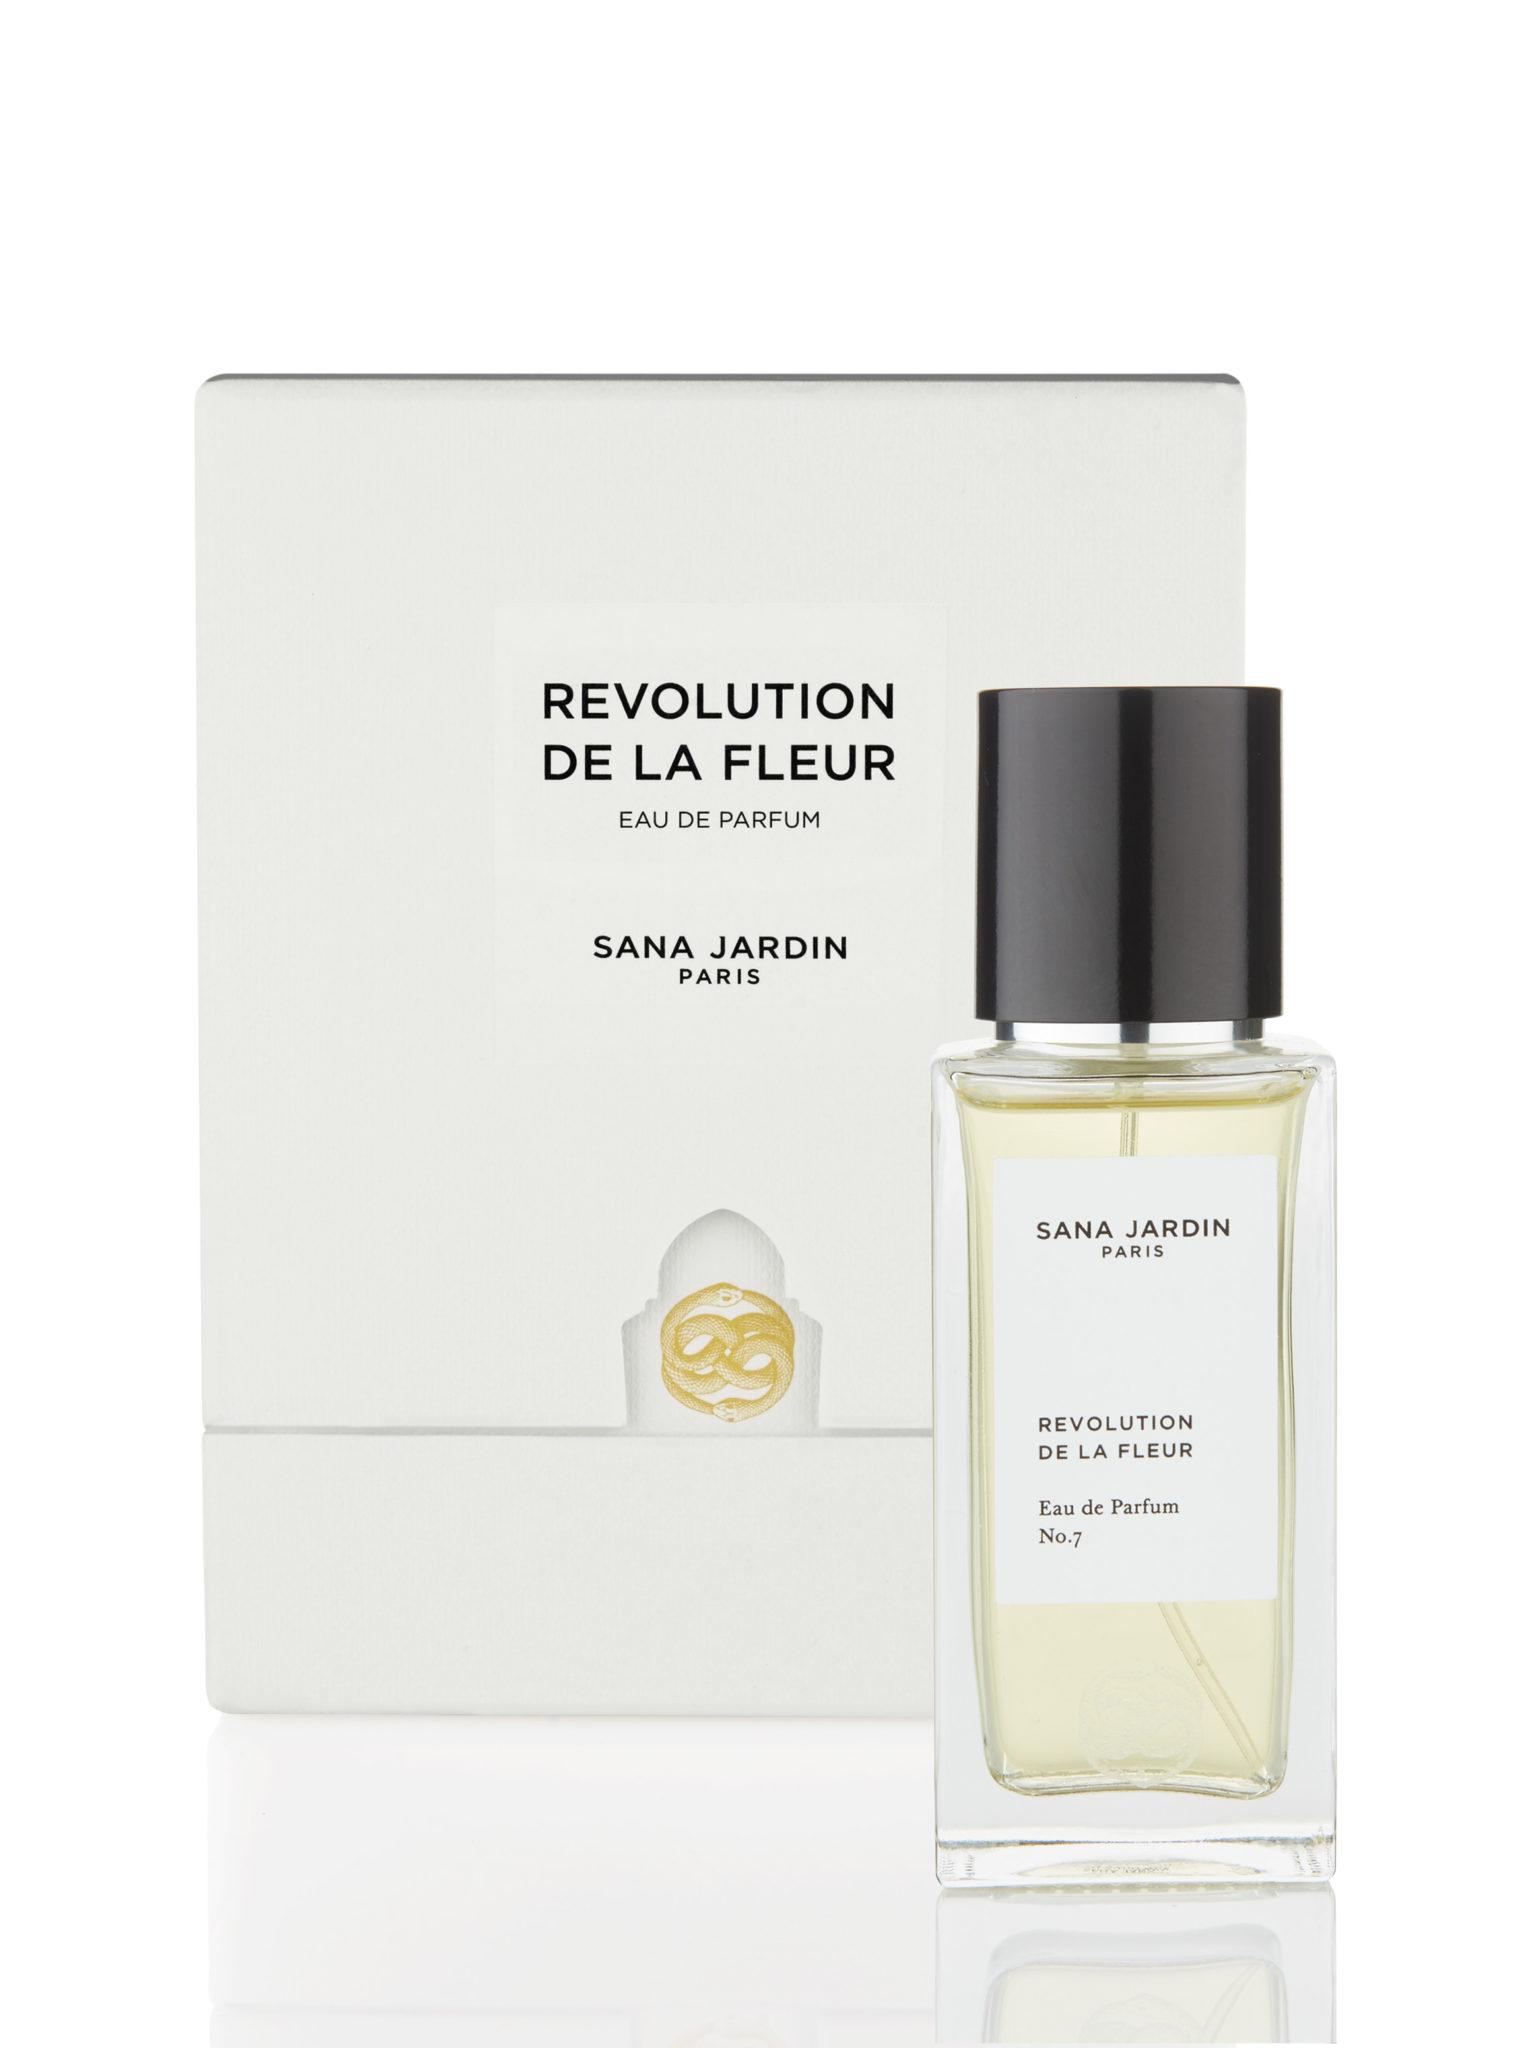 REVOLUTION_DE_LA_FLEUR_BOX__BOTTLE